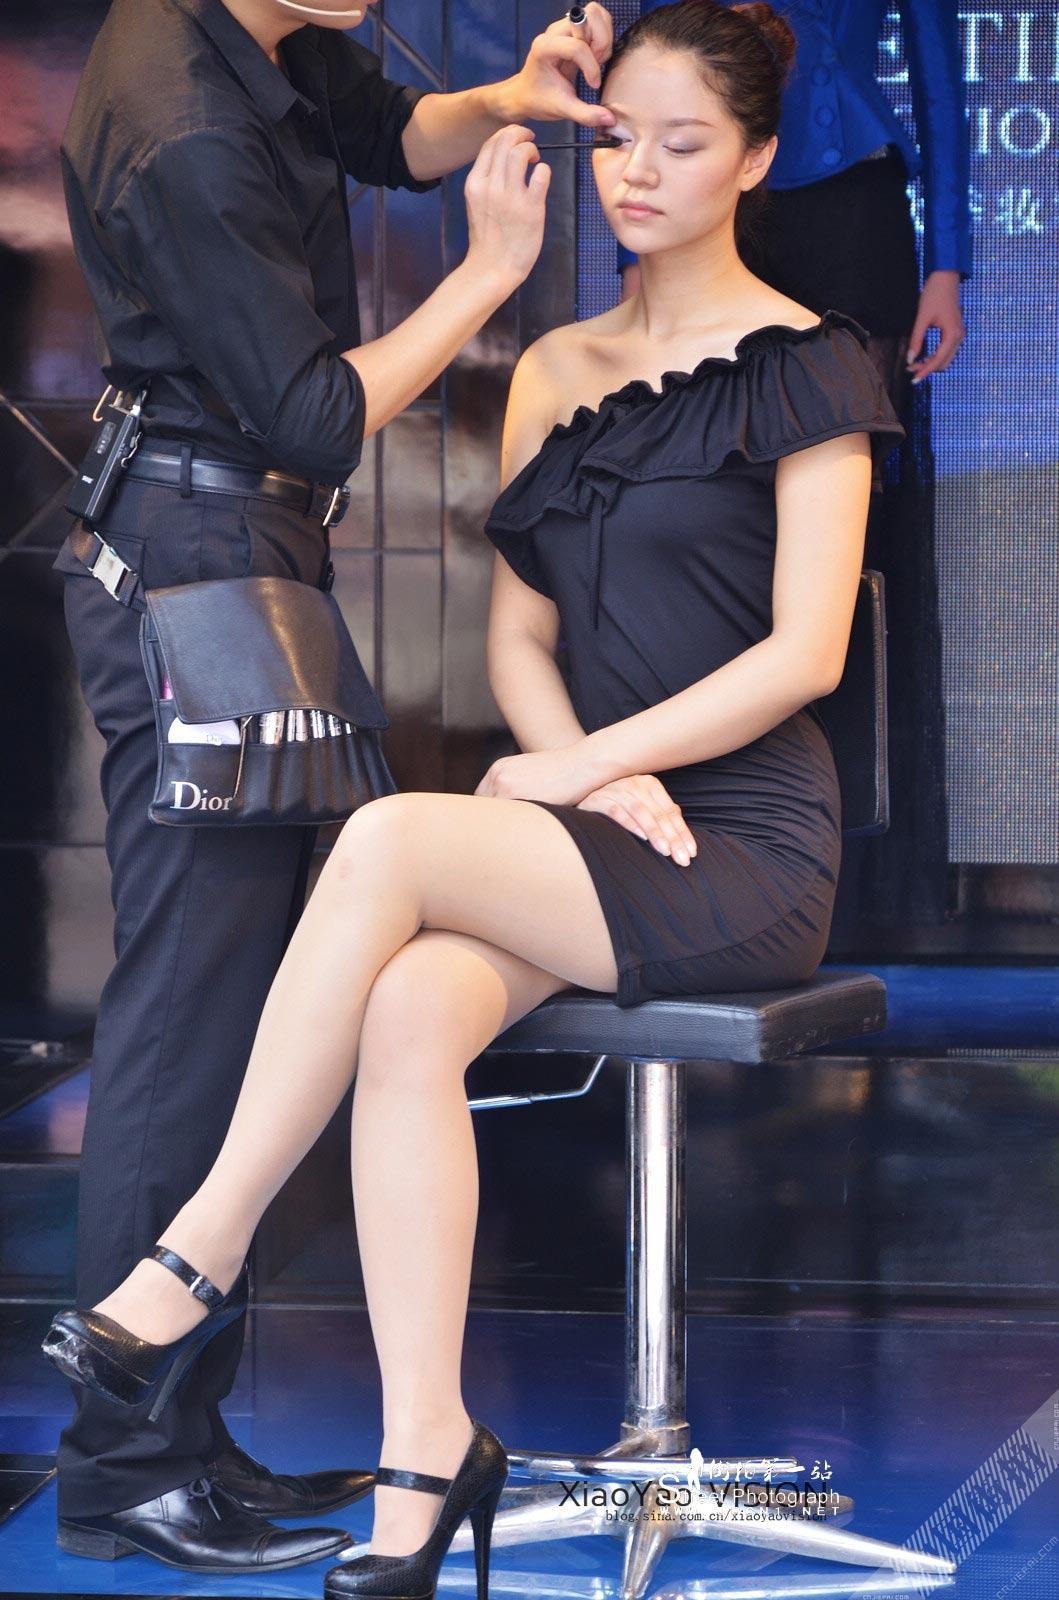 性感漂亮的Dior模特,短裙坐姿魅力迷人 图3